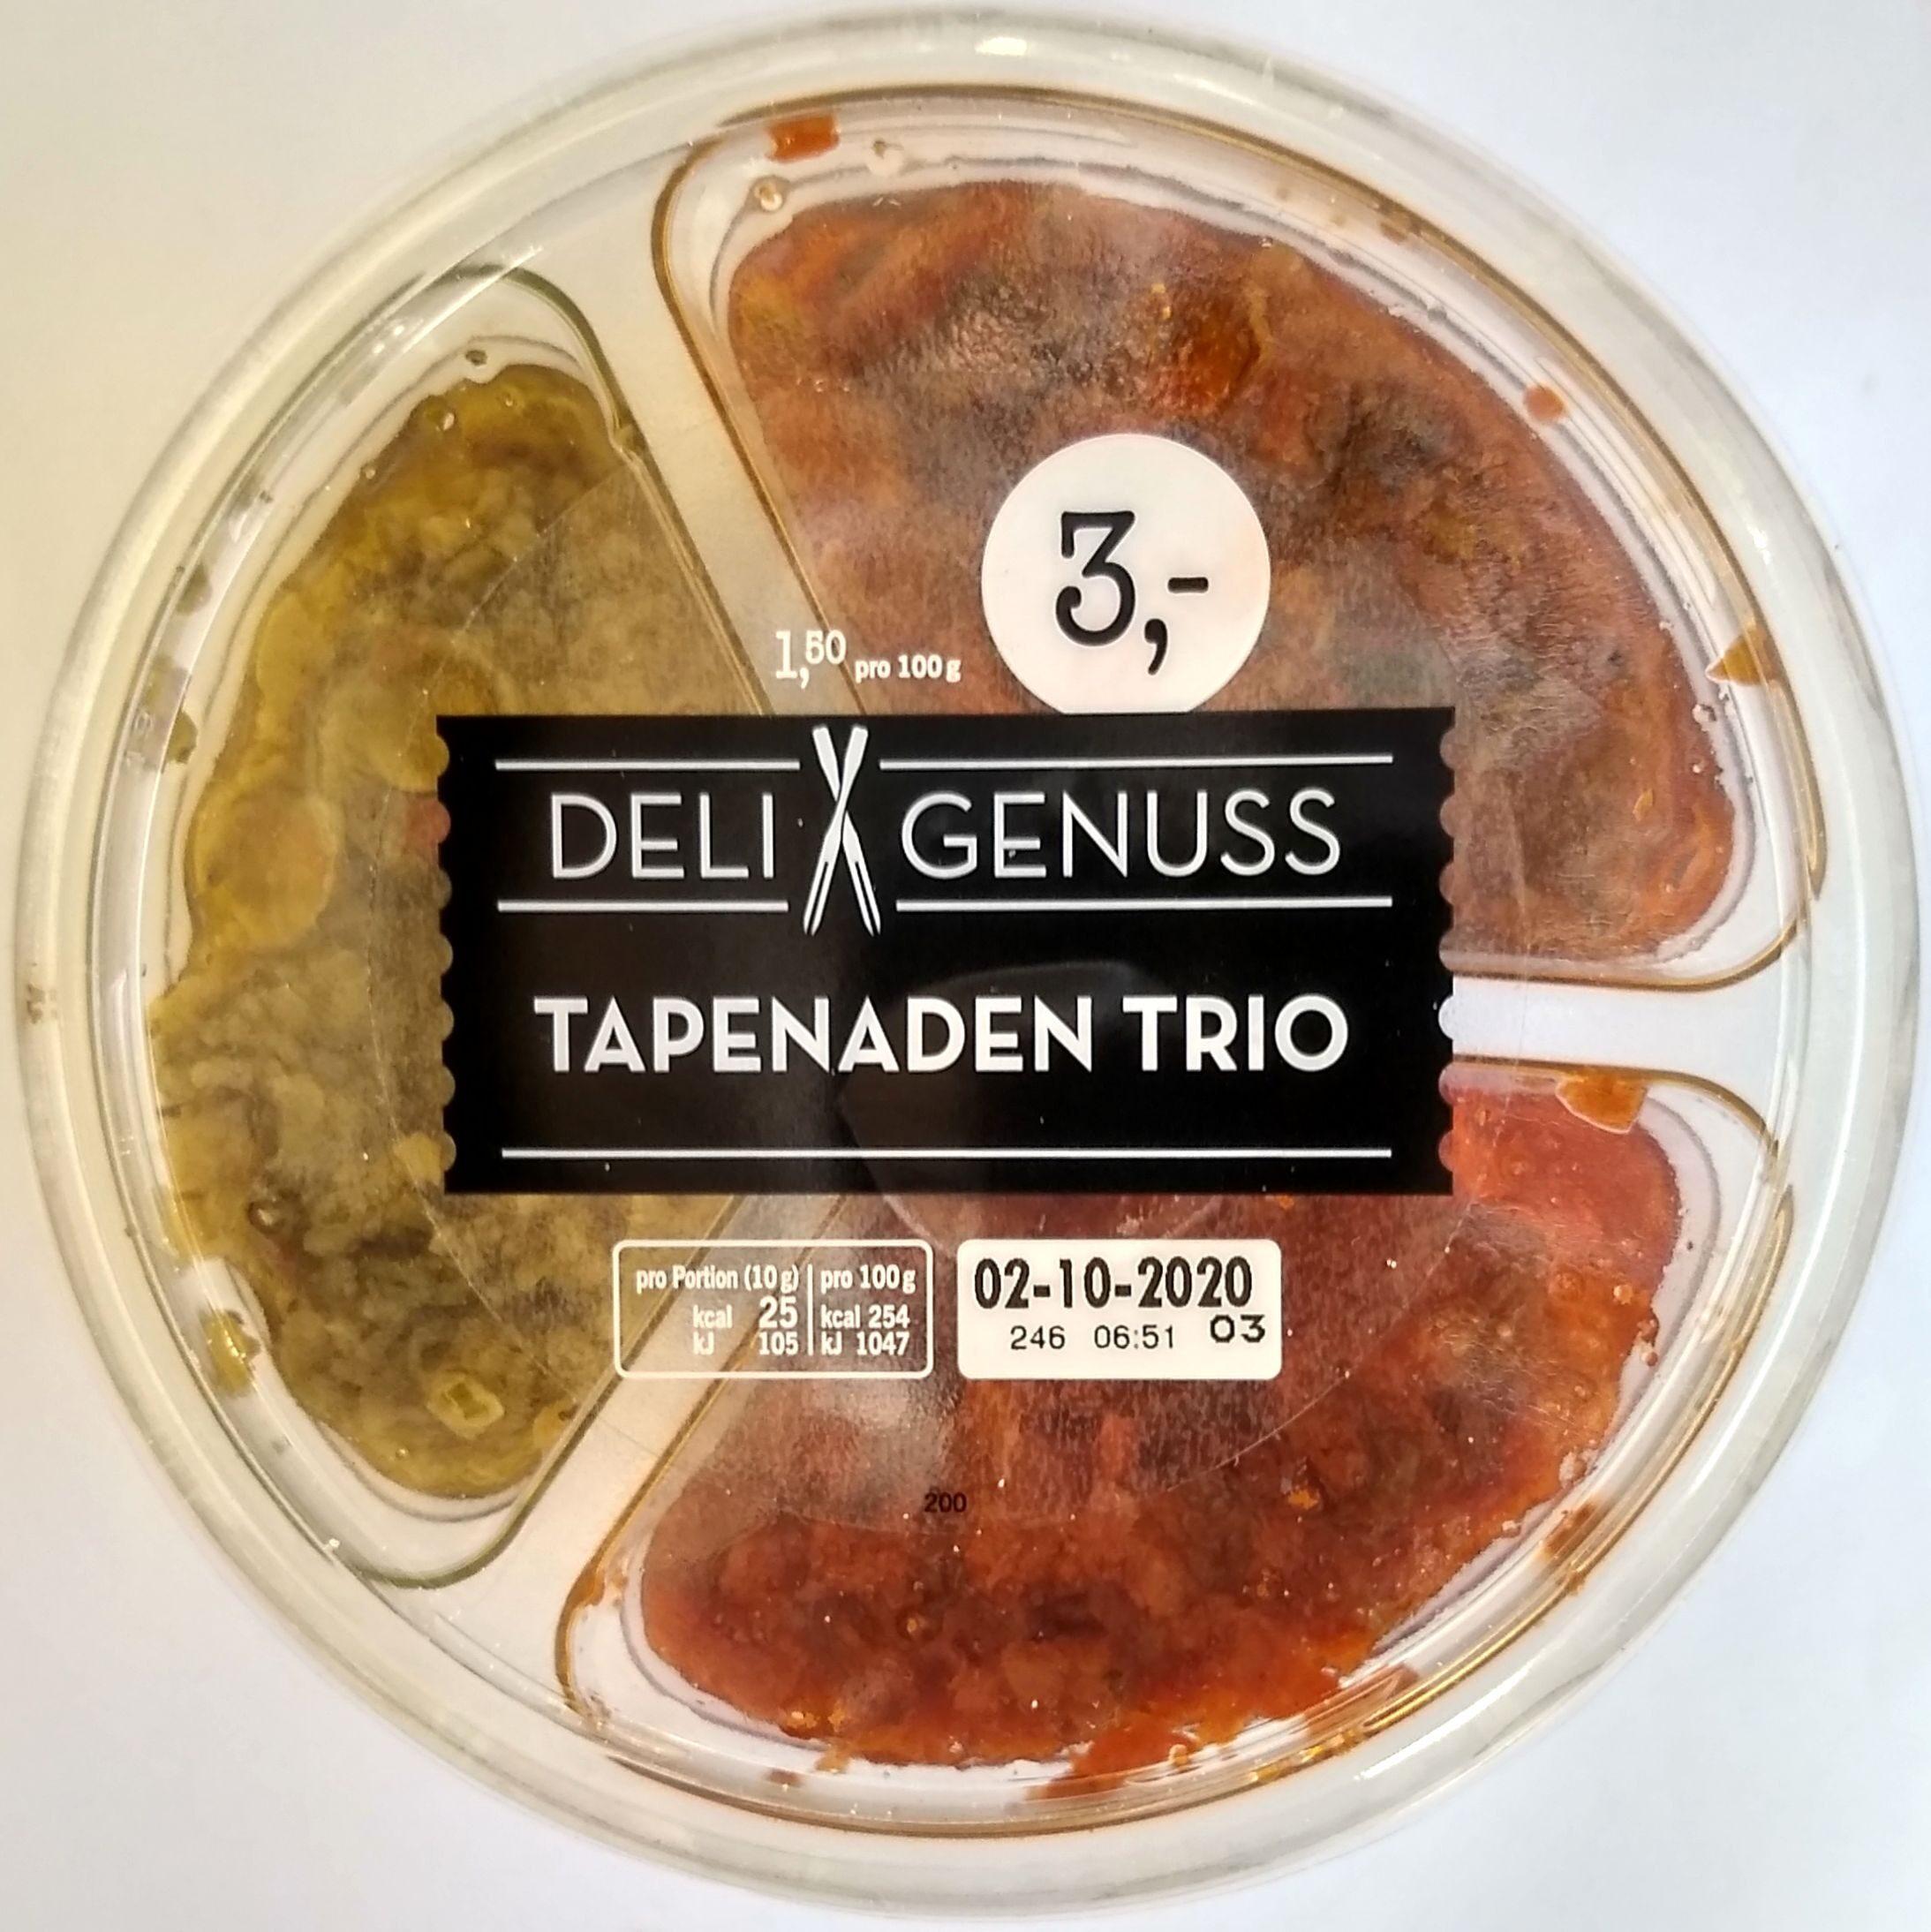 Tapenaden Trio - Product - de